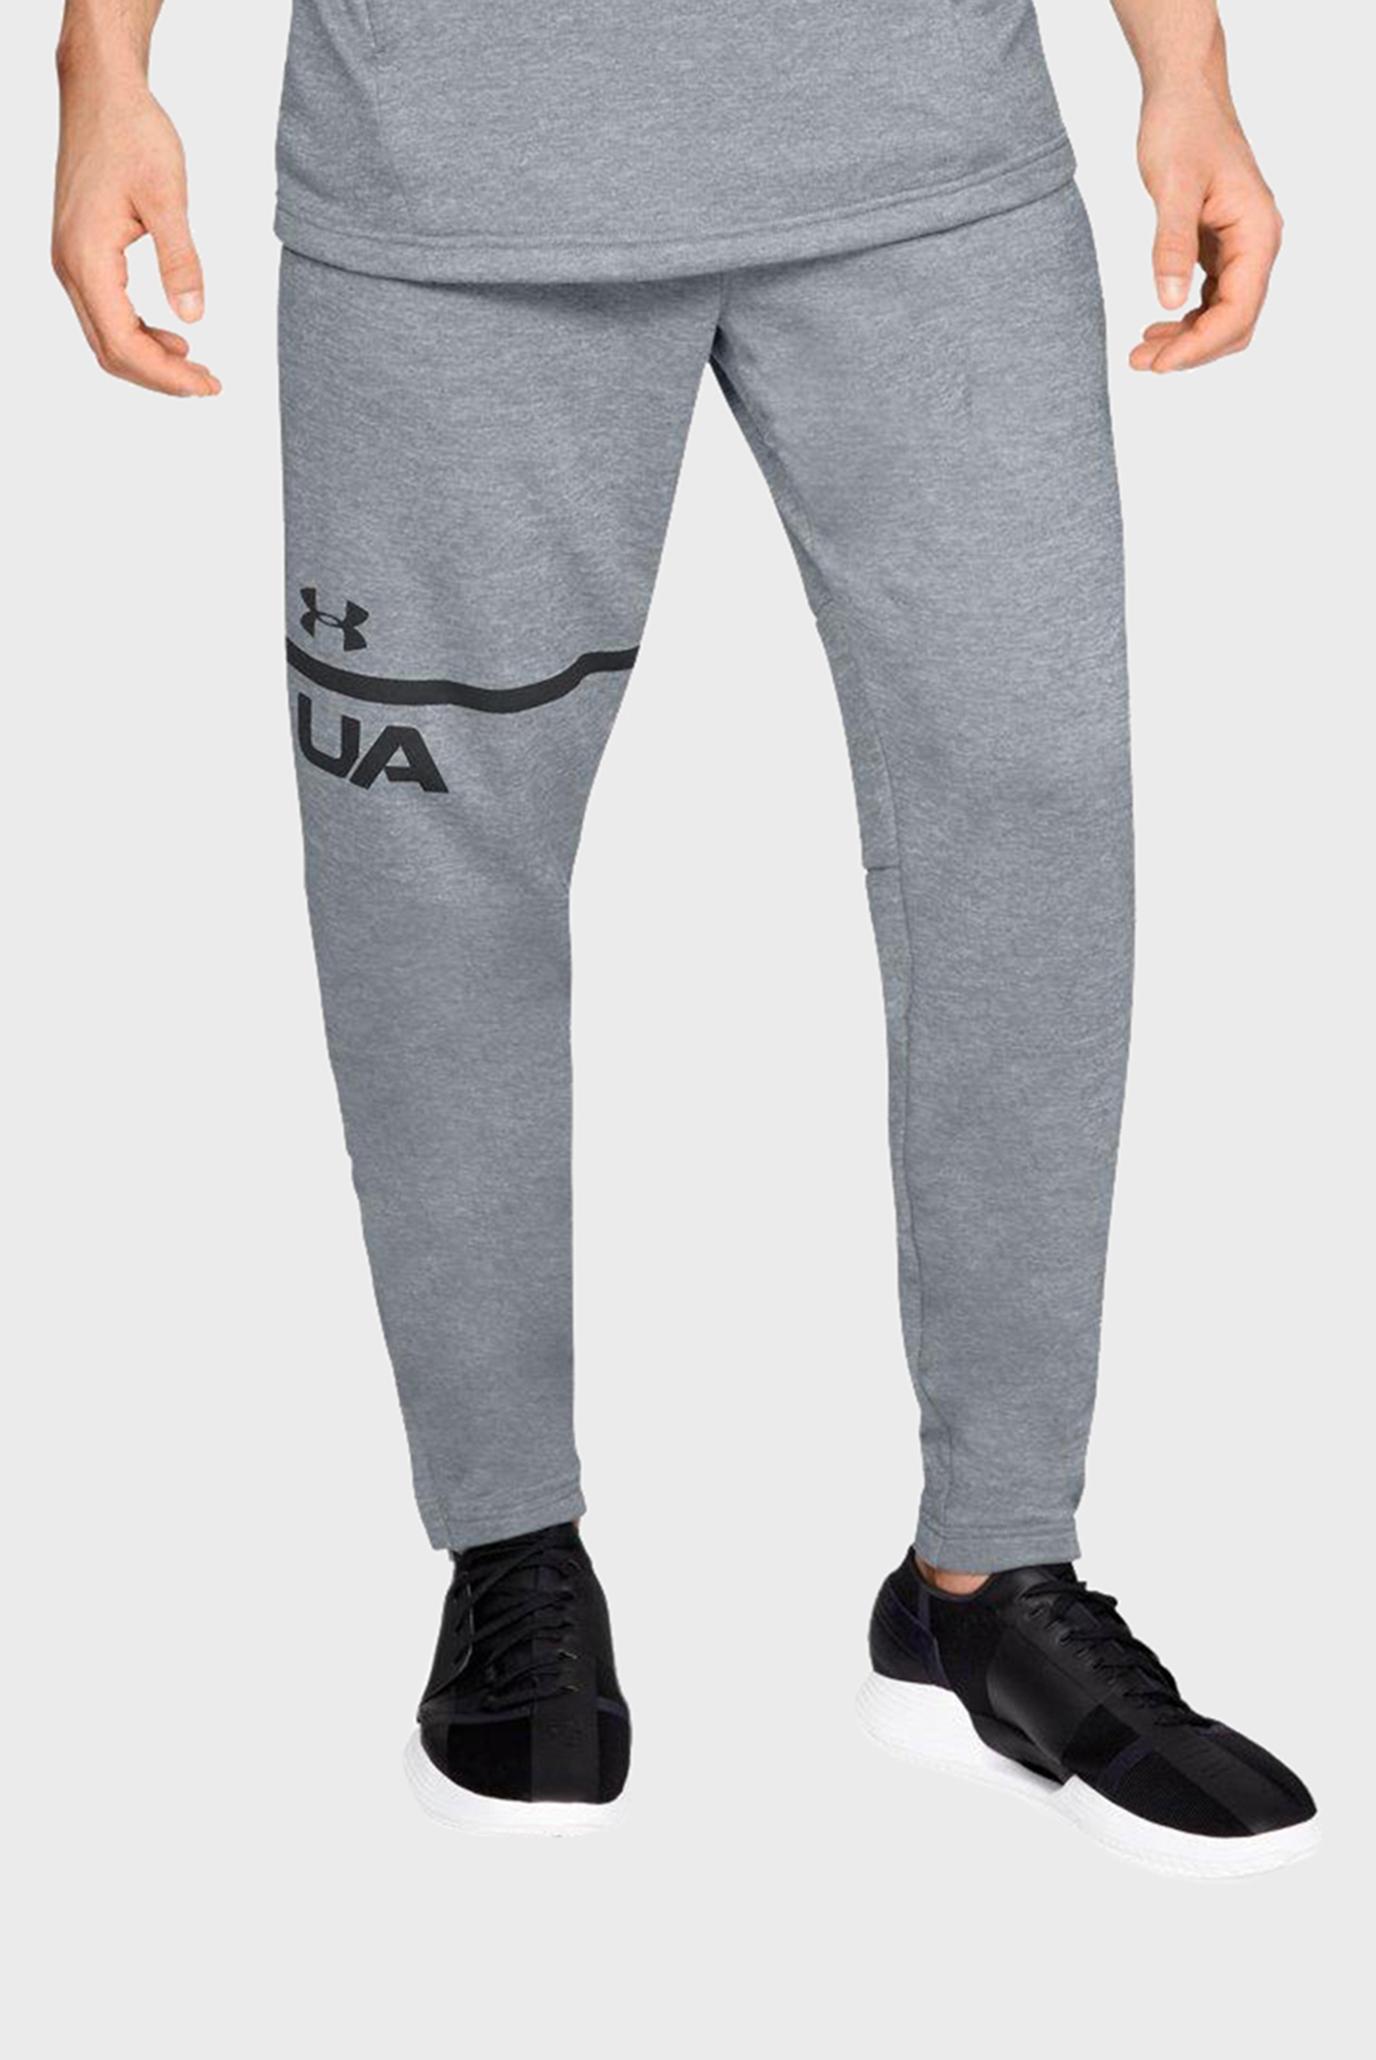 Чоловічі сірі спортивні штани MK1 Terry Tapered Pant 1